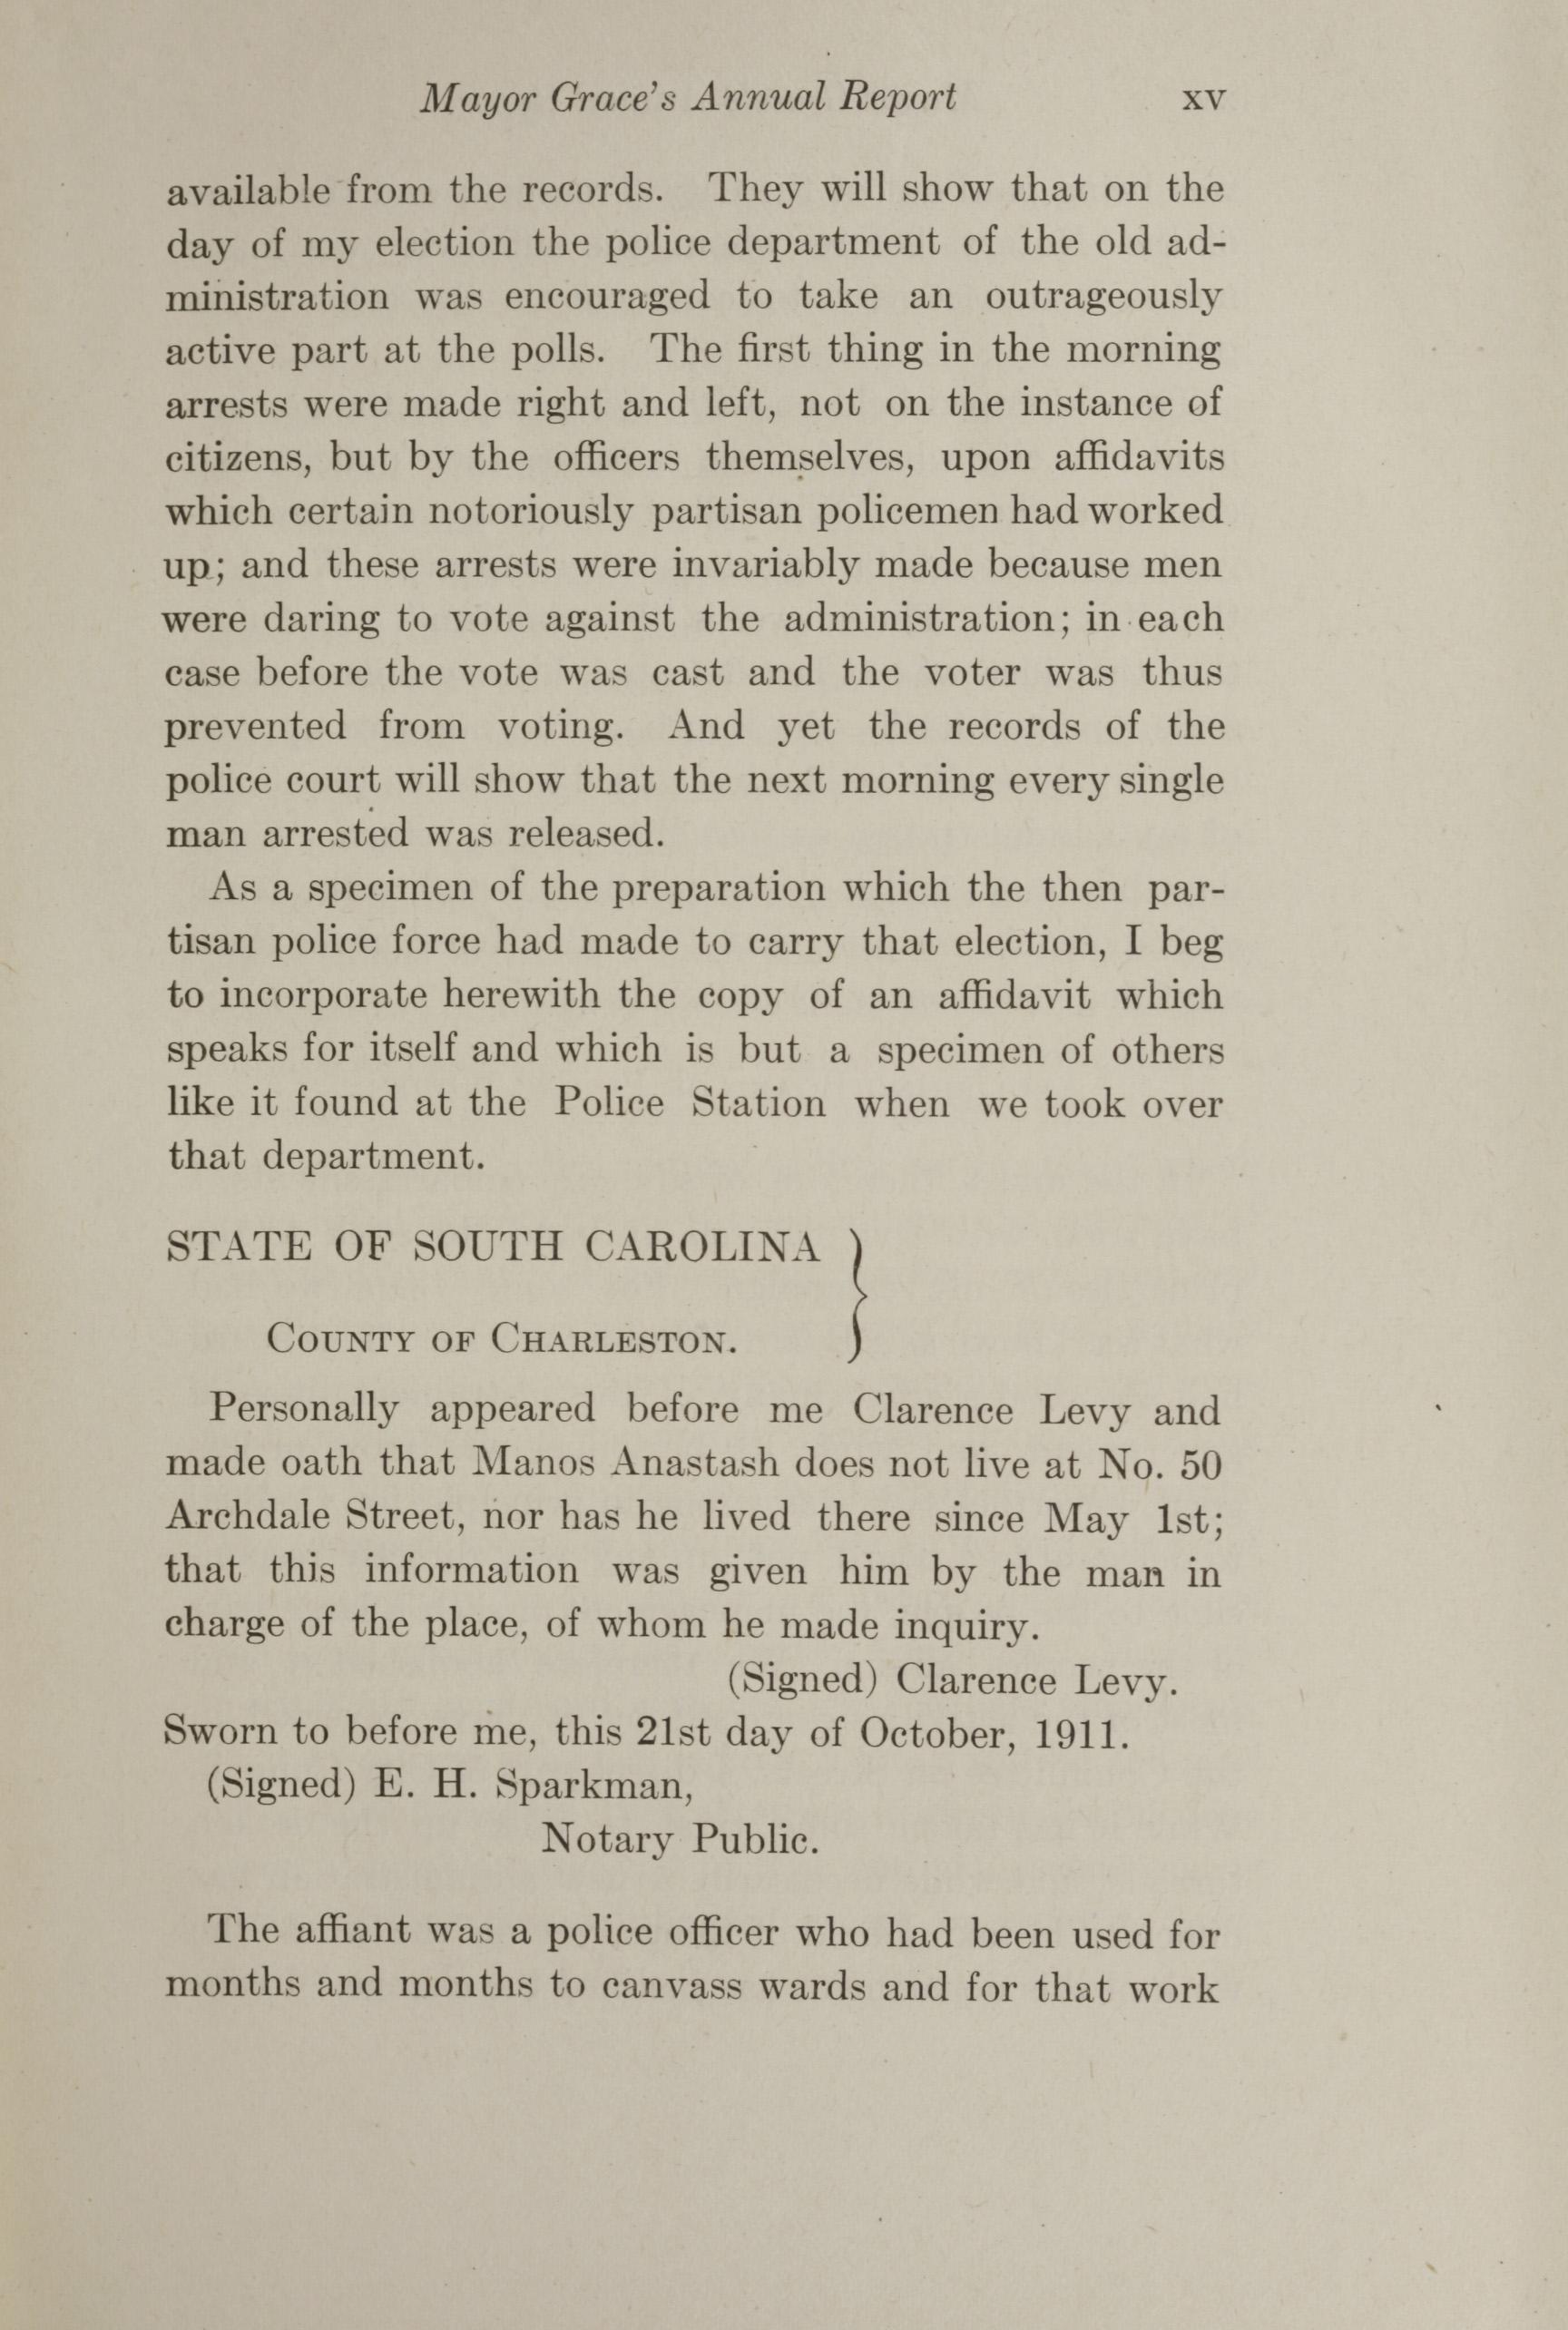 Charleston Yearbook, 1912, page xv